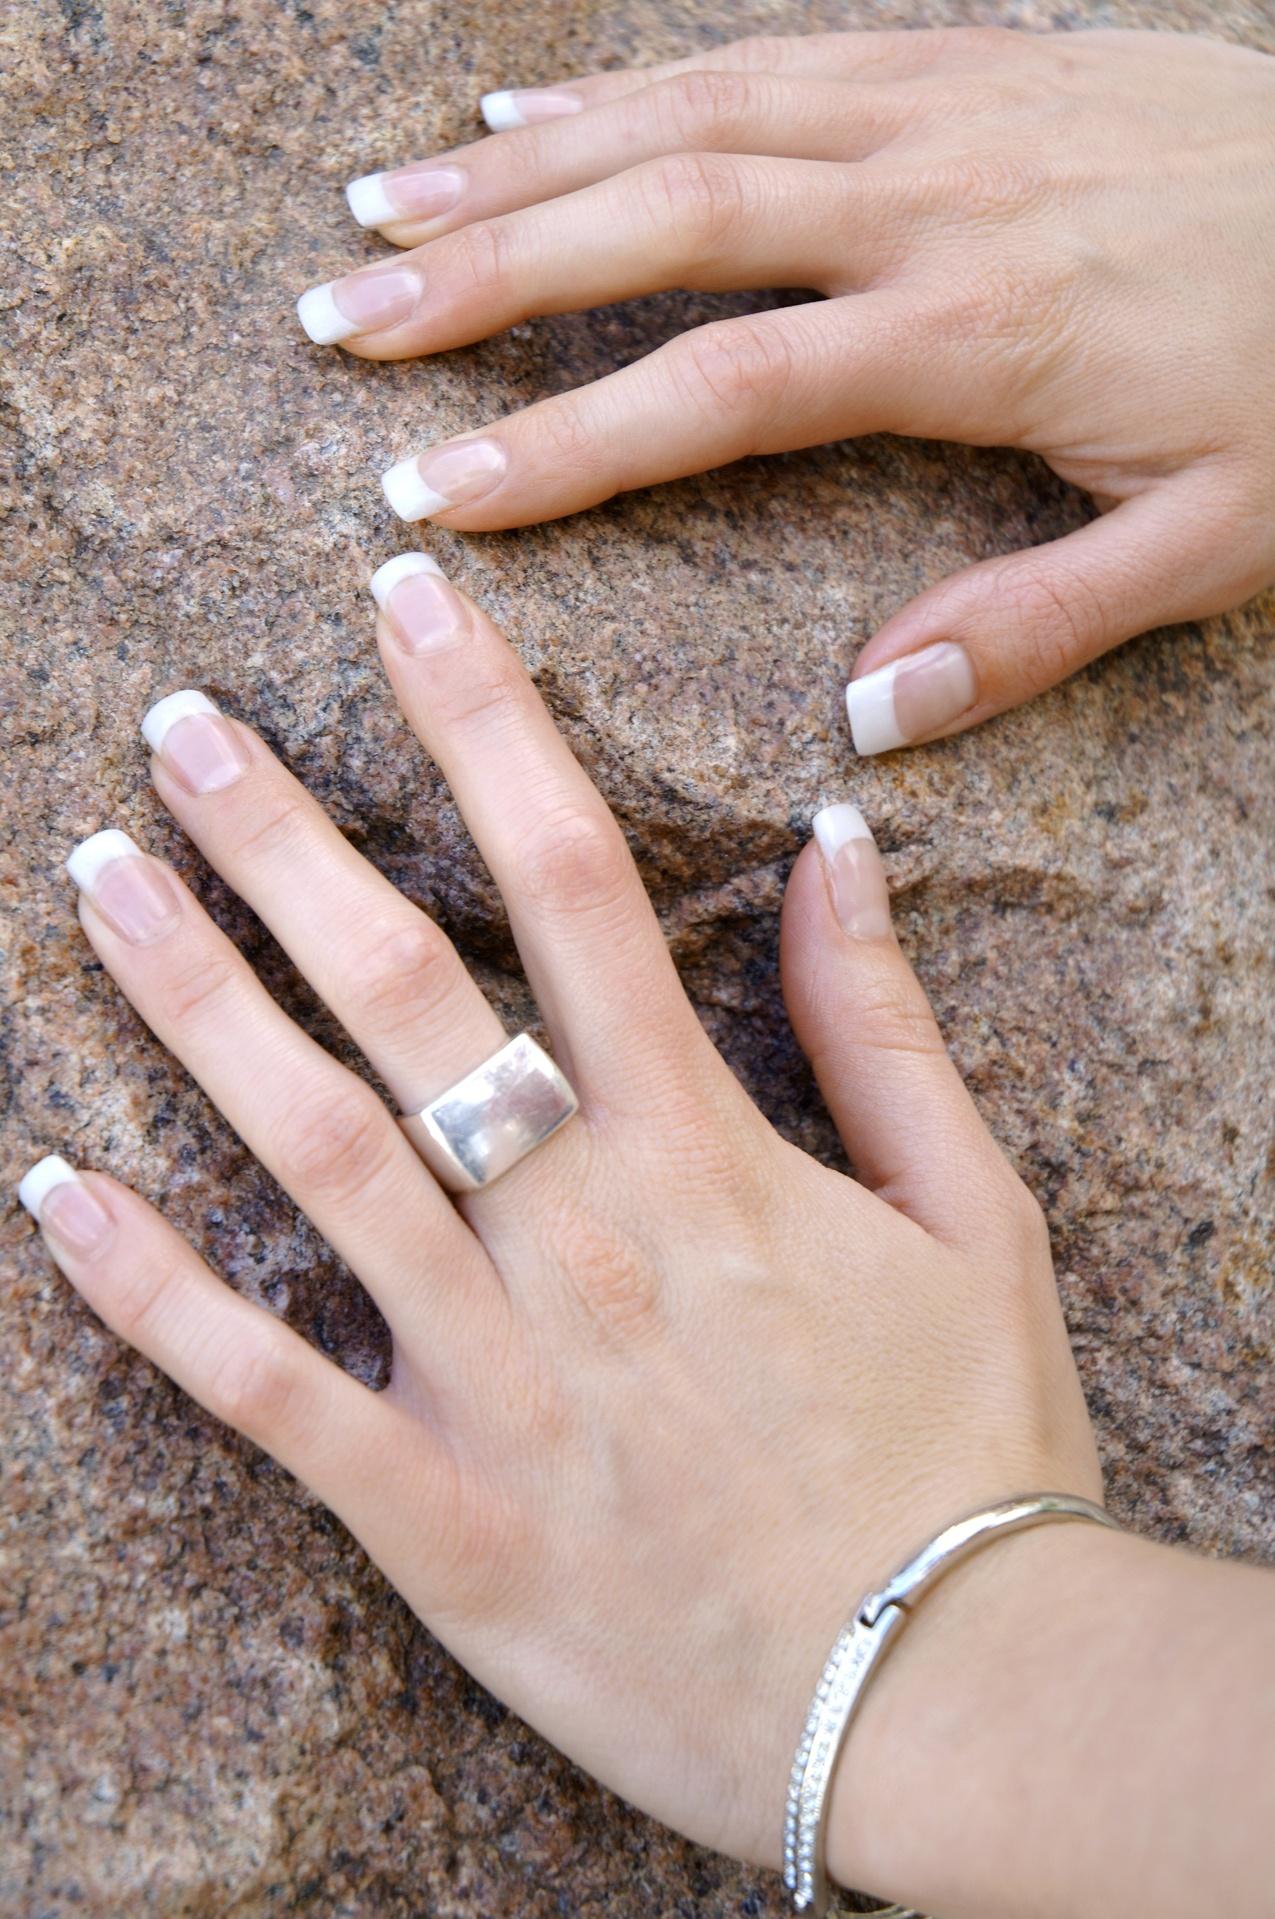 Lavish Nails Spa